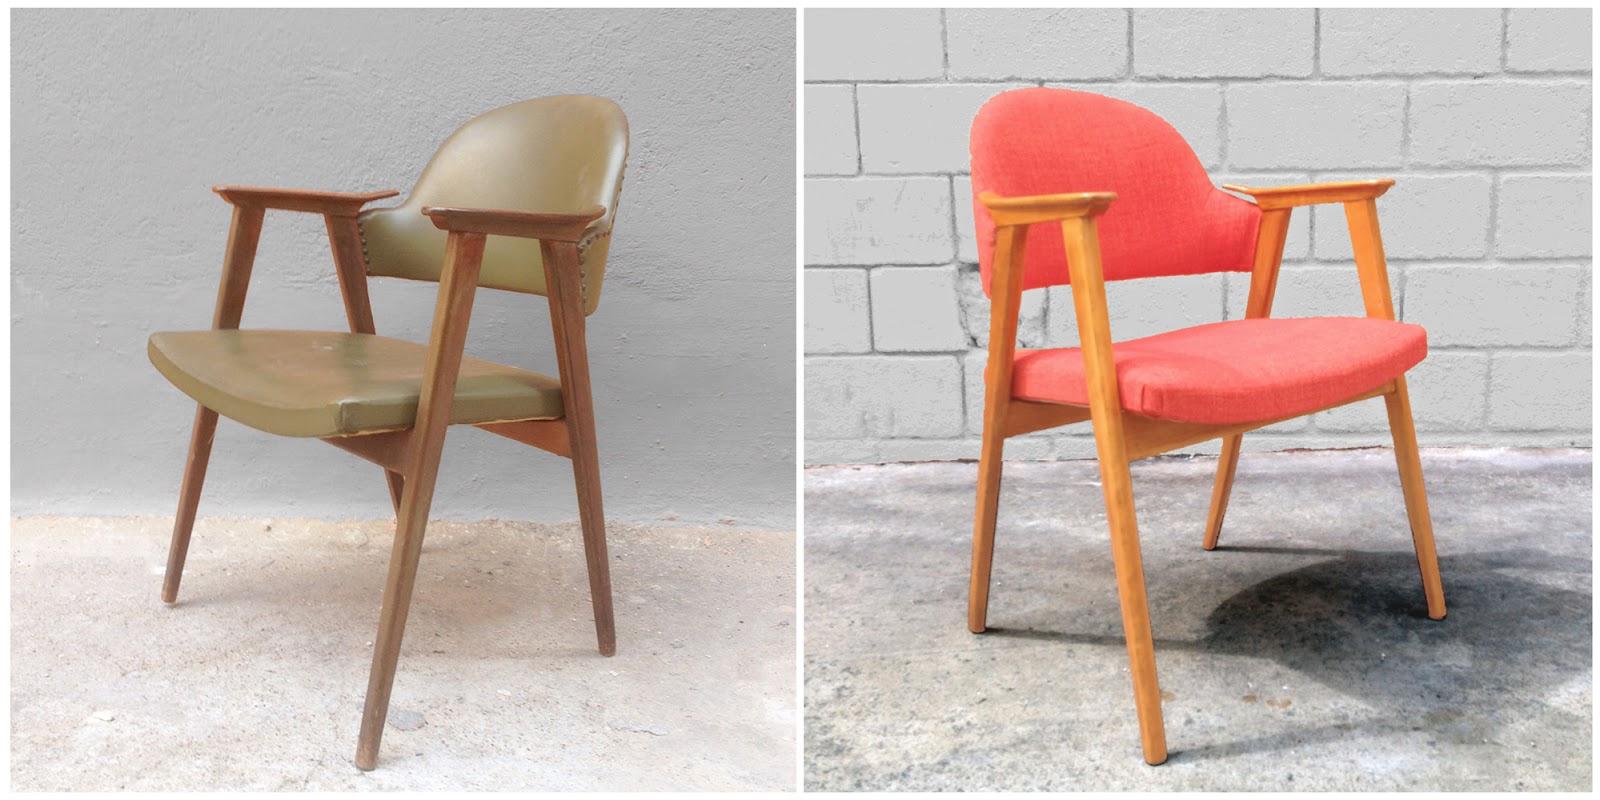 Antes y después - Una silla nórdica tapizada en tela de color naranja